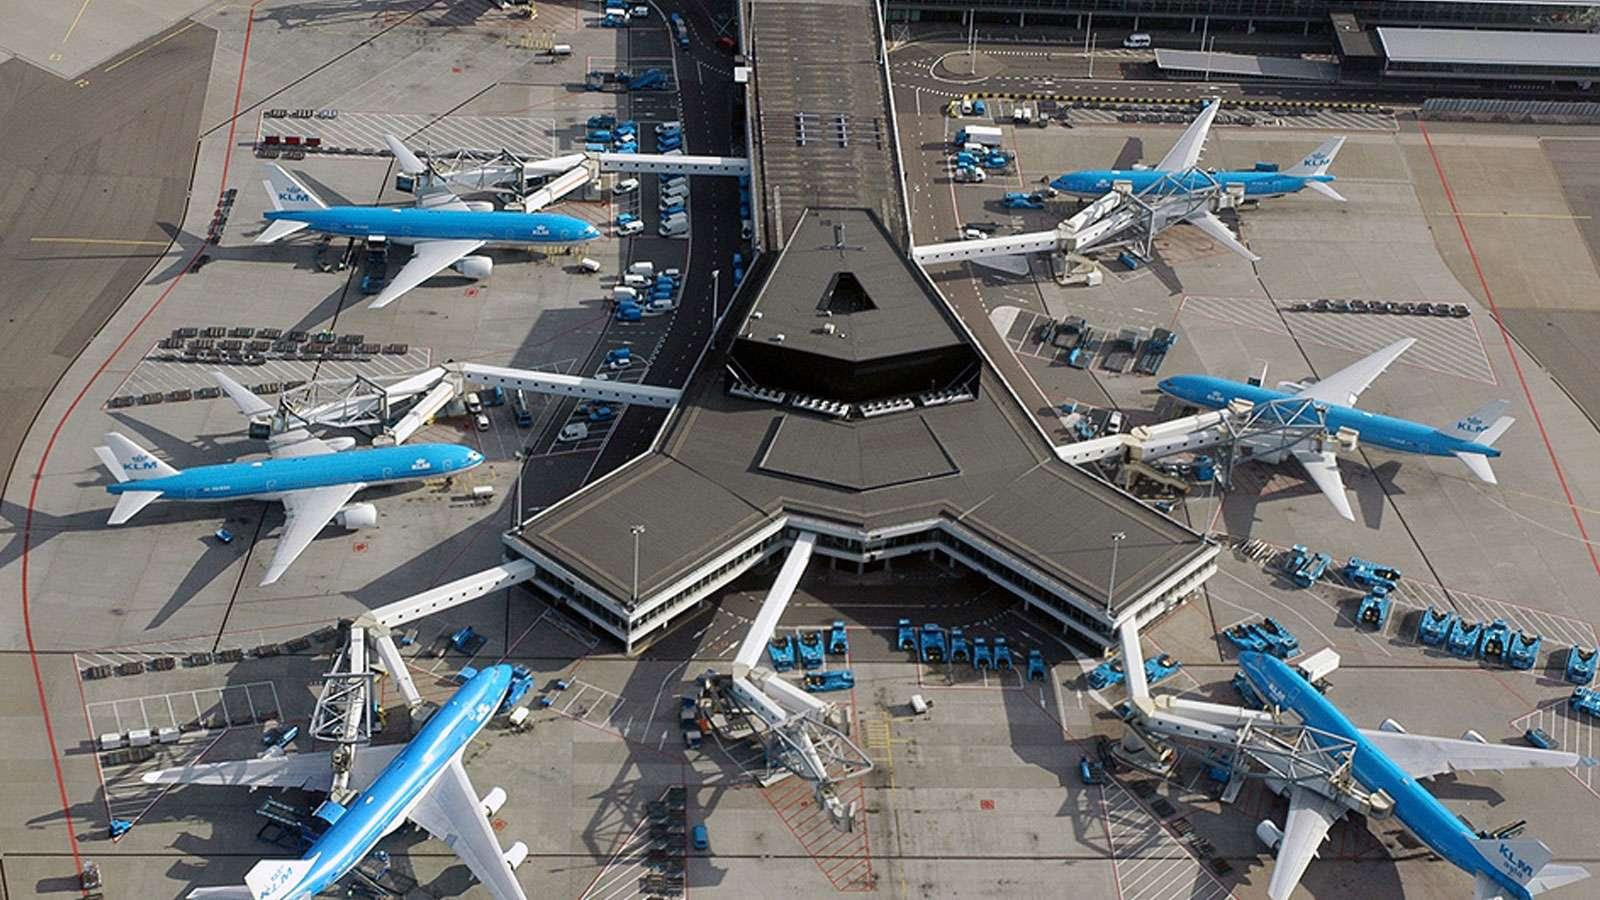 PAS-uitspraak ook keerpunt voor de luchtvaart